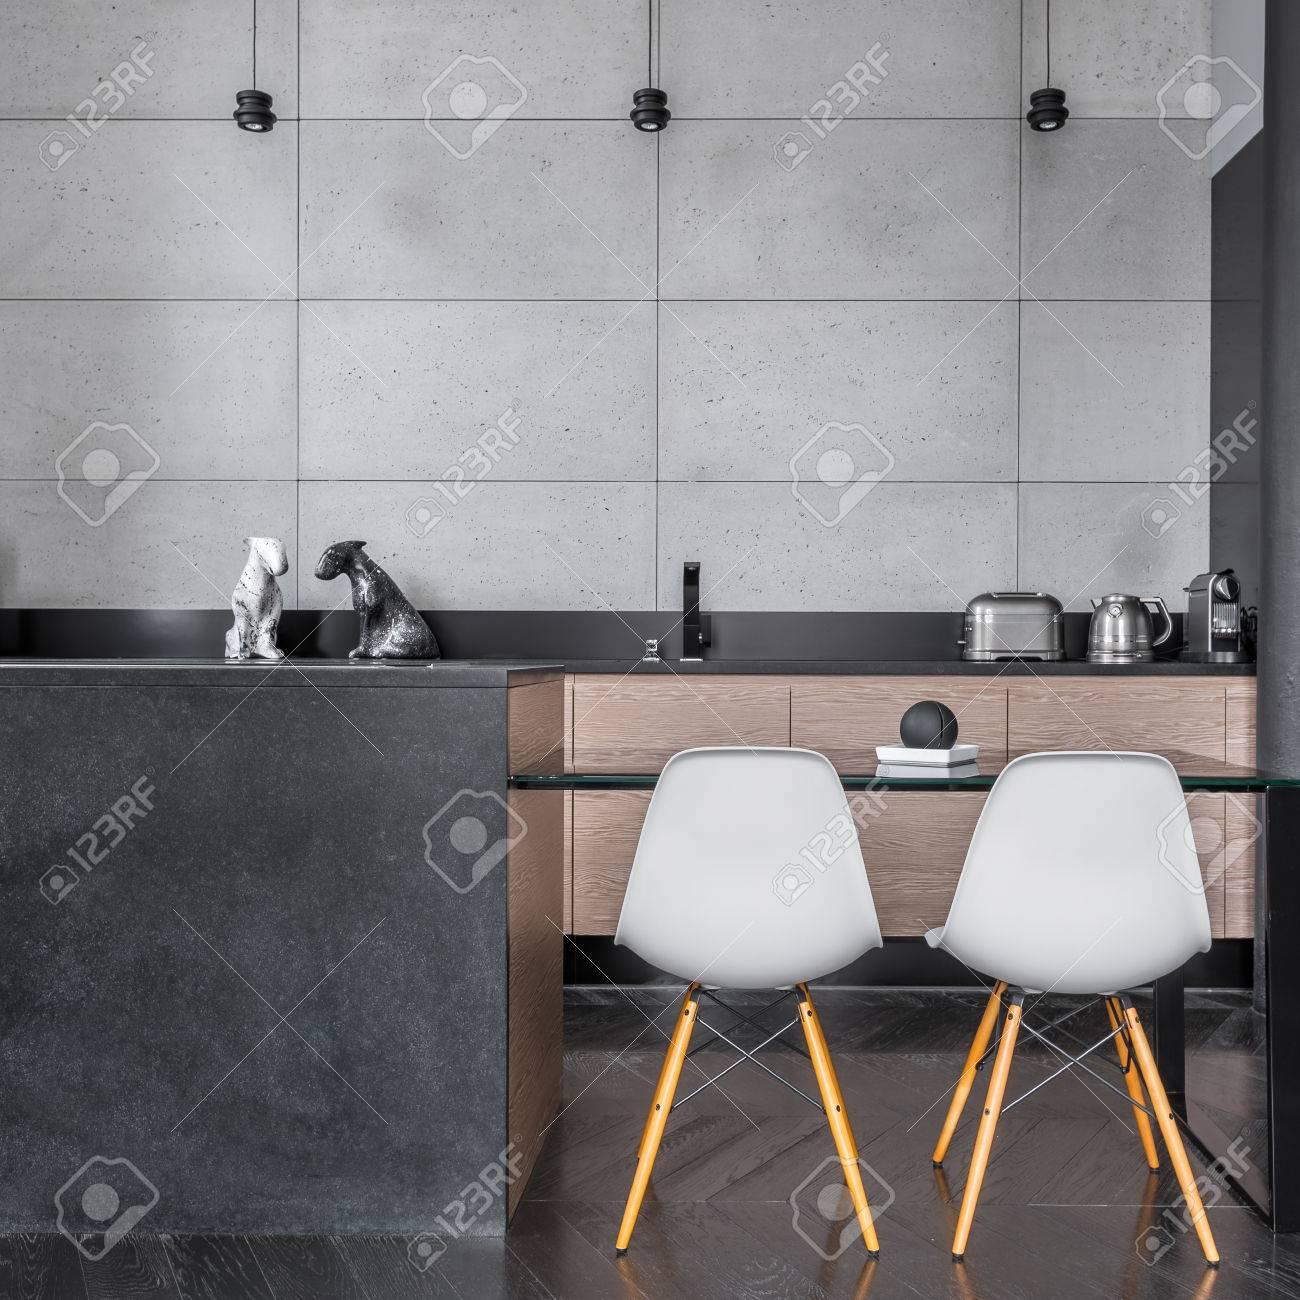 Moderne Kuche Mit Grauen Wandfliesen Tisch Und Stuhle Lizenzfreie Fotos Bilder Und Stock Fotografie Image 70439016